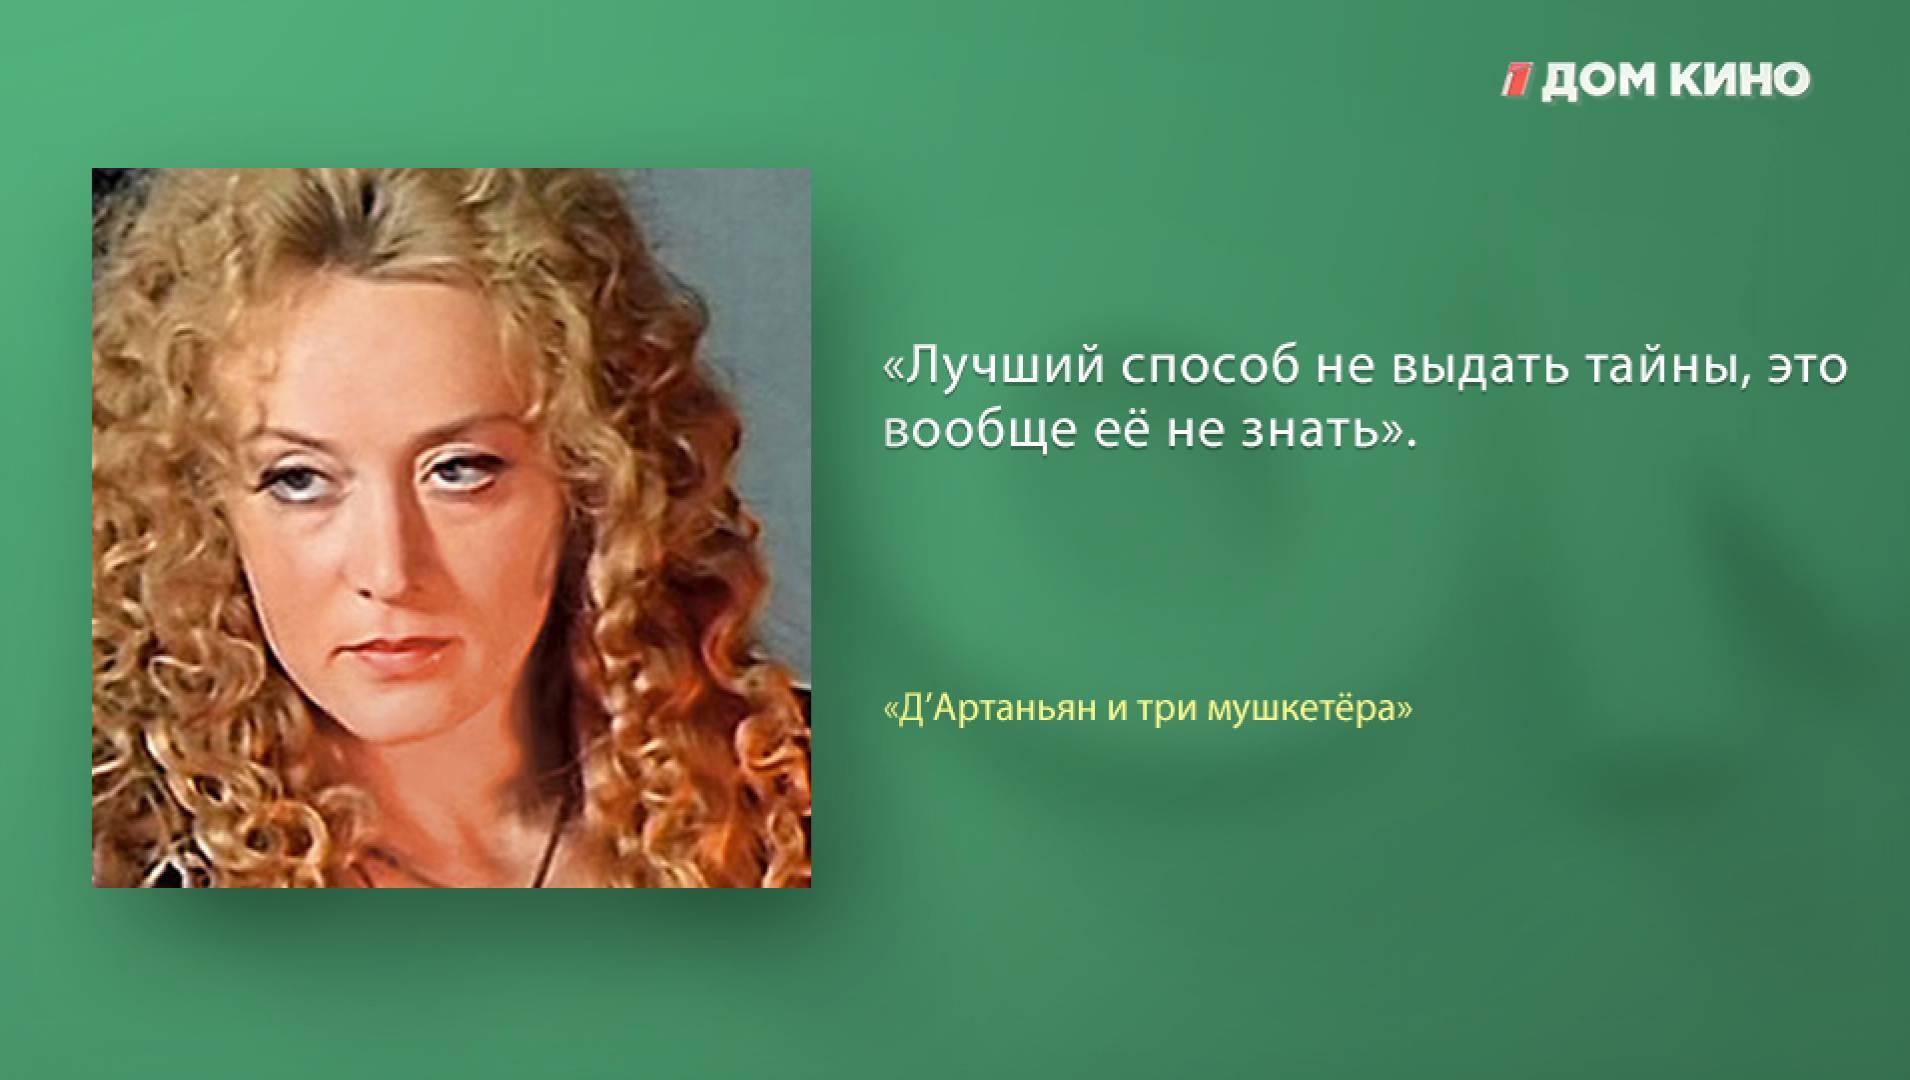 Холодное лето пятьдесят третьего - Драма, Фильм